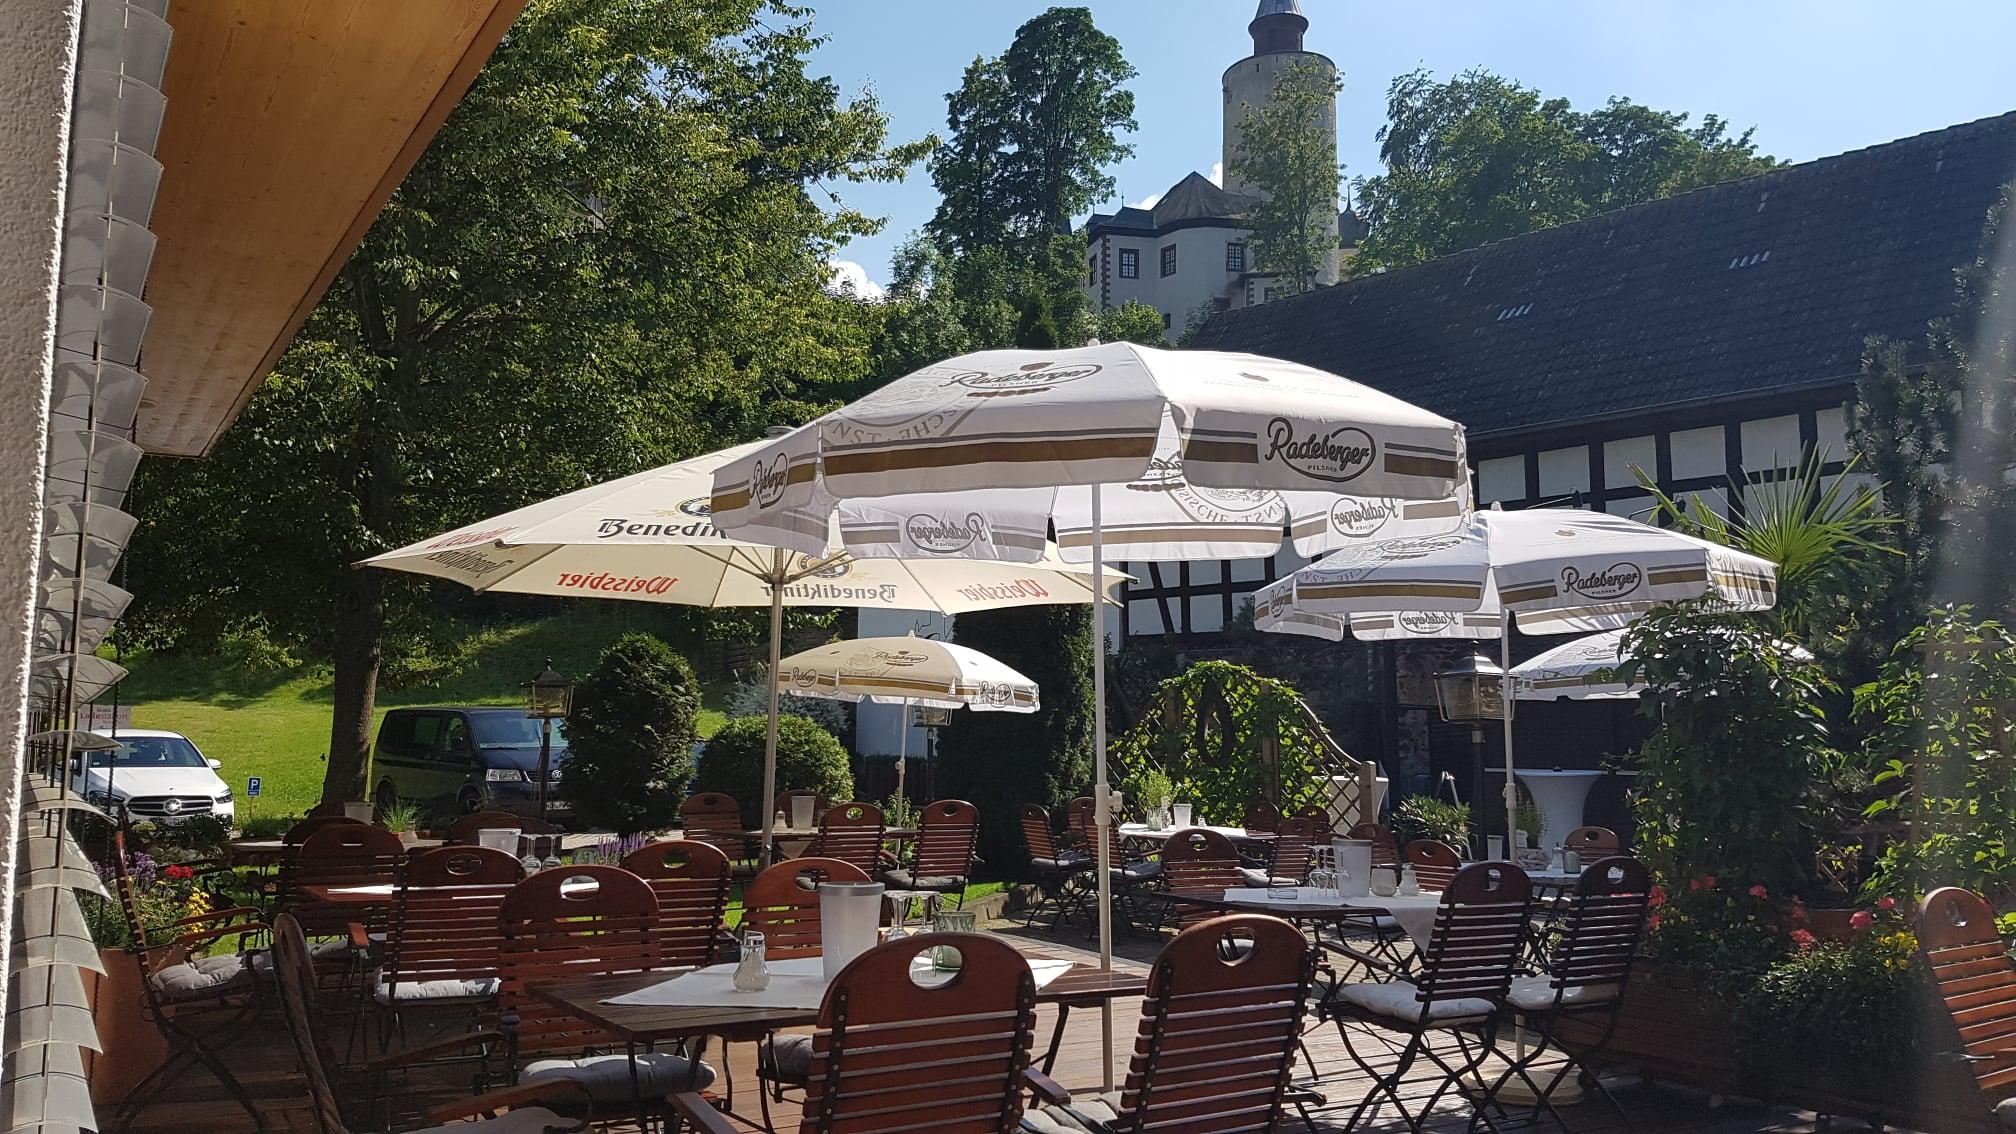 Biergarten des Hotels zur Burg Posterstein